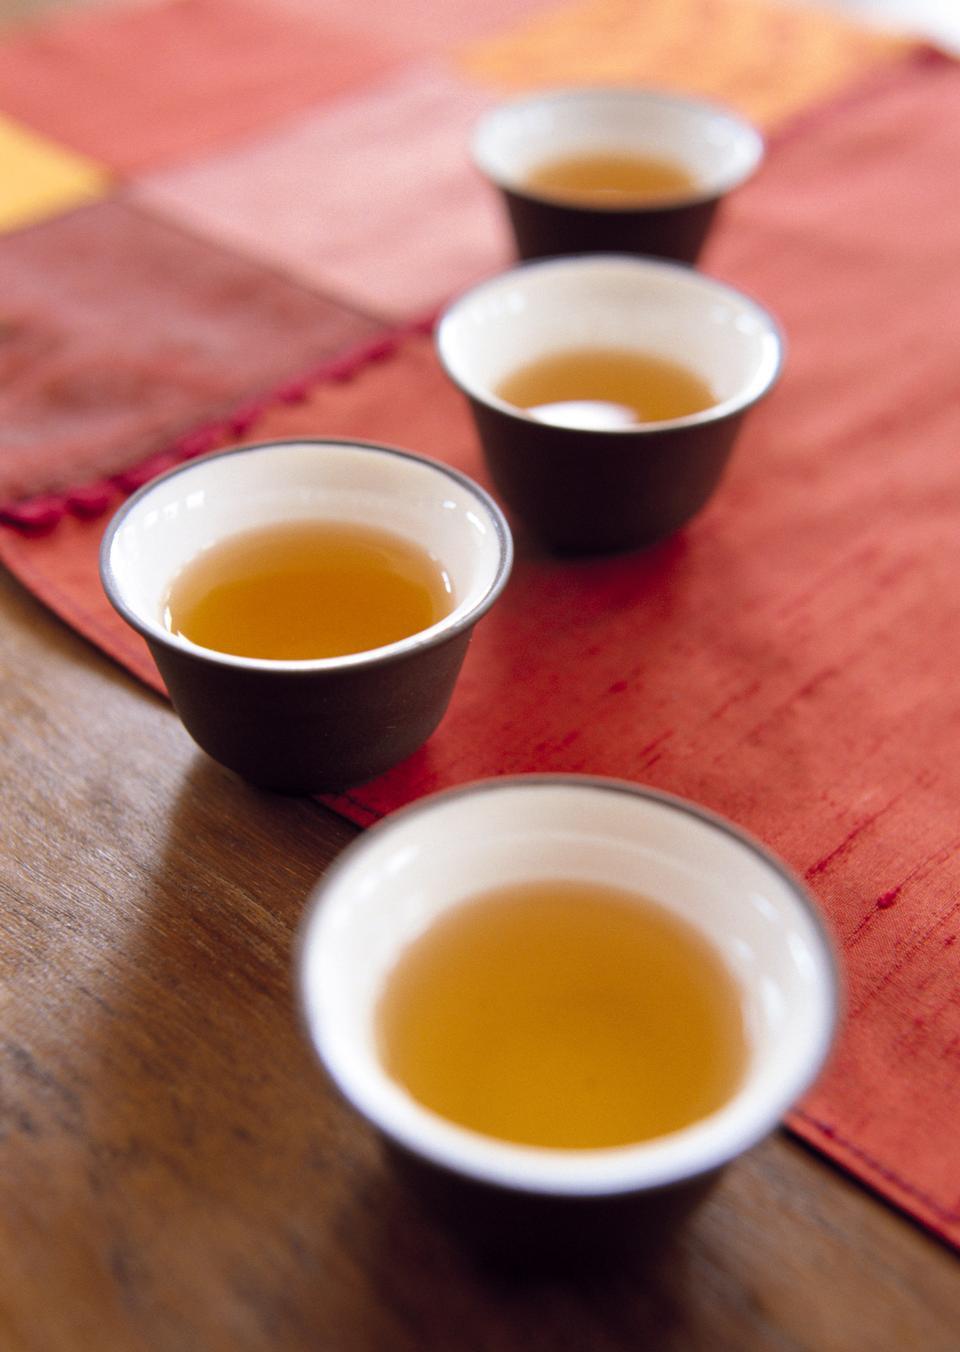 垫上集中国茶的特写